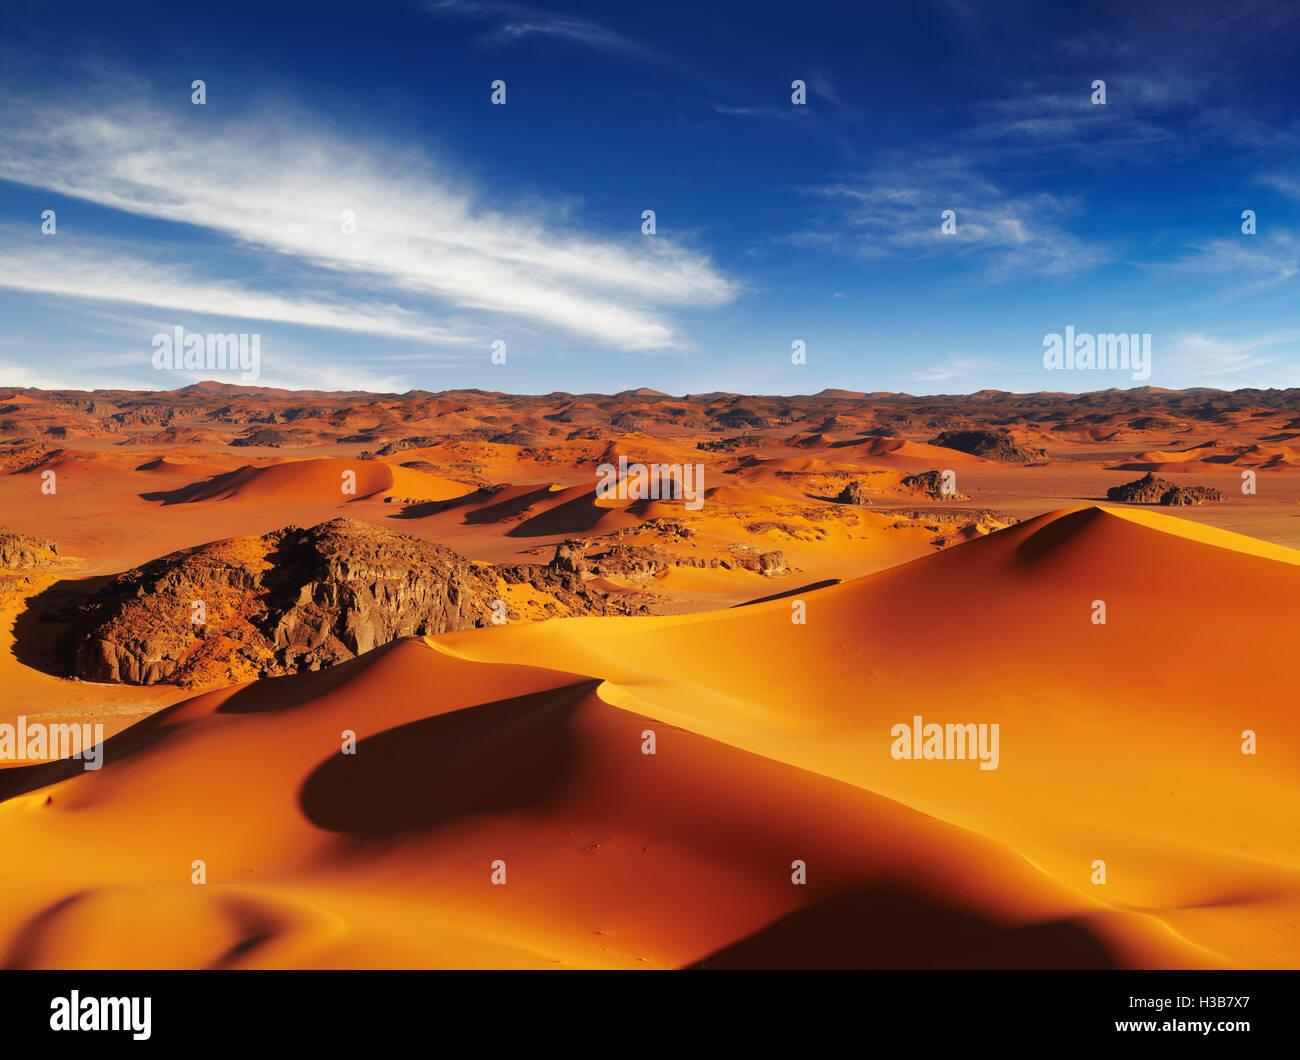 Dunes de sable du désert du Sahara, Tadrart, Algérie Photo Stock